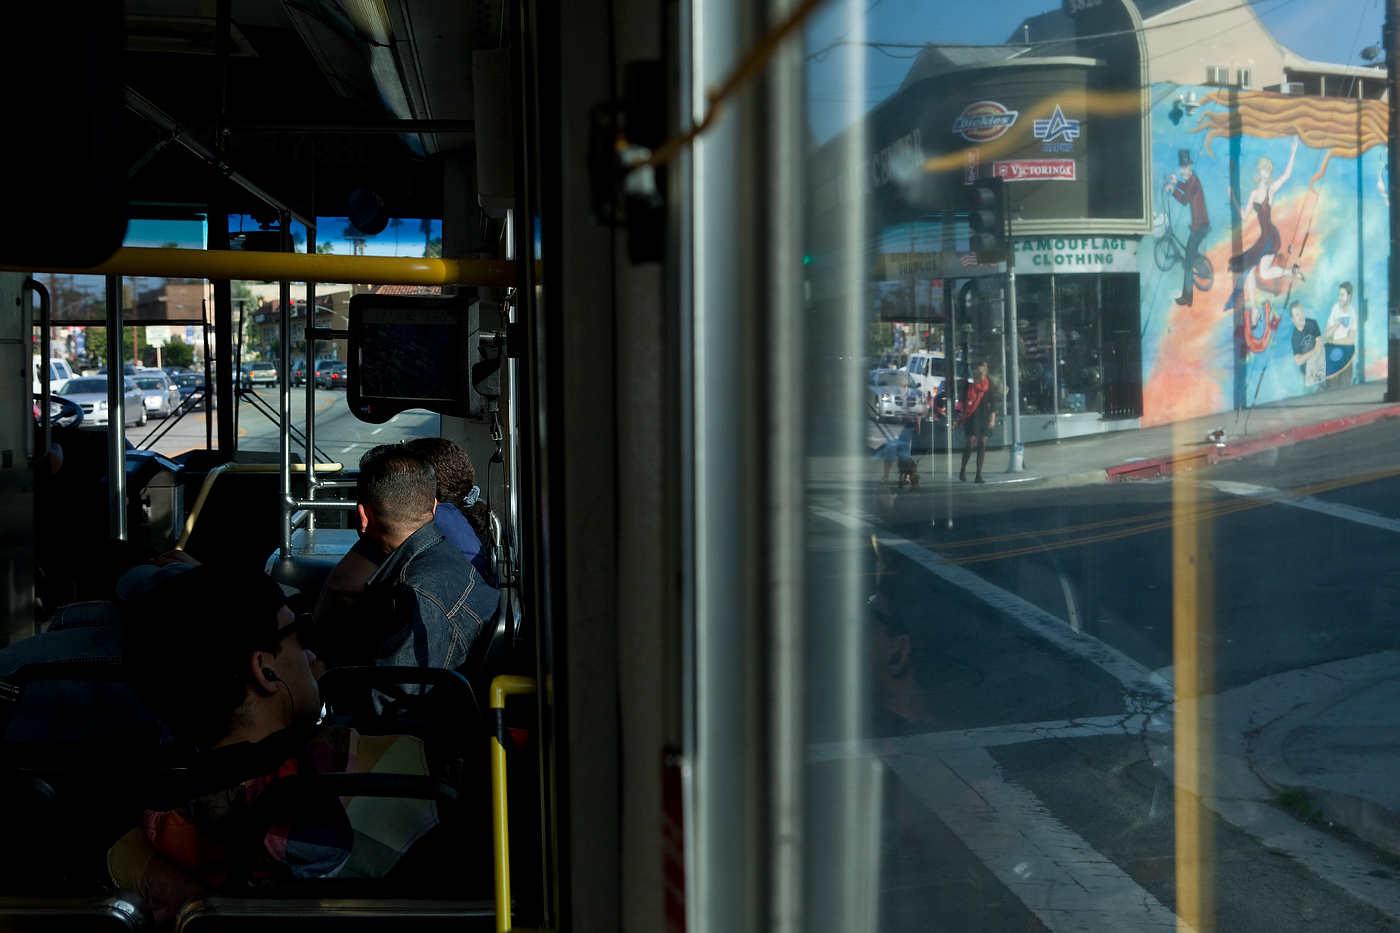 SILVERLAKE, LOS ANGELES, CALIFORNIE, LE 09 MAI 2011: Le bus 302 (ou 2) qui relie downtown Los Angeles et le PCH (Pacific Coast Highway) en suivant Sunset Blvd. traverse Silverlake, un quartier bobo/artiste/branch�. Le bus 302 (ou 2) transporte principalement des Latinos, dont beaucoup de femmes de m�nage et nounous. La majorit� des usagers de transport public � Los Angeles sont des travailleurs Latino pauvres (photo Gilles Mingasson pour Le Monde2).